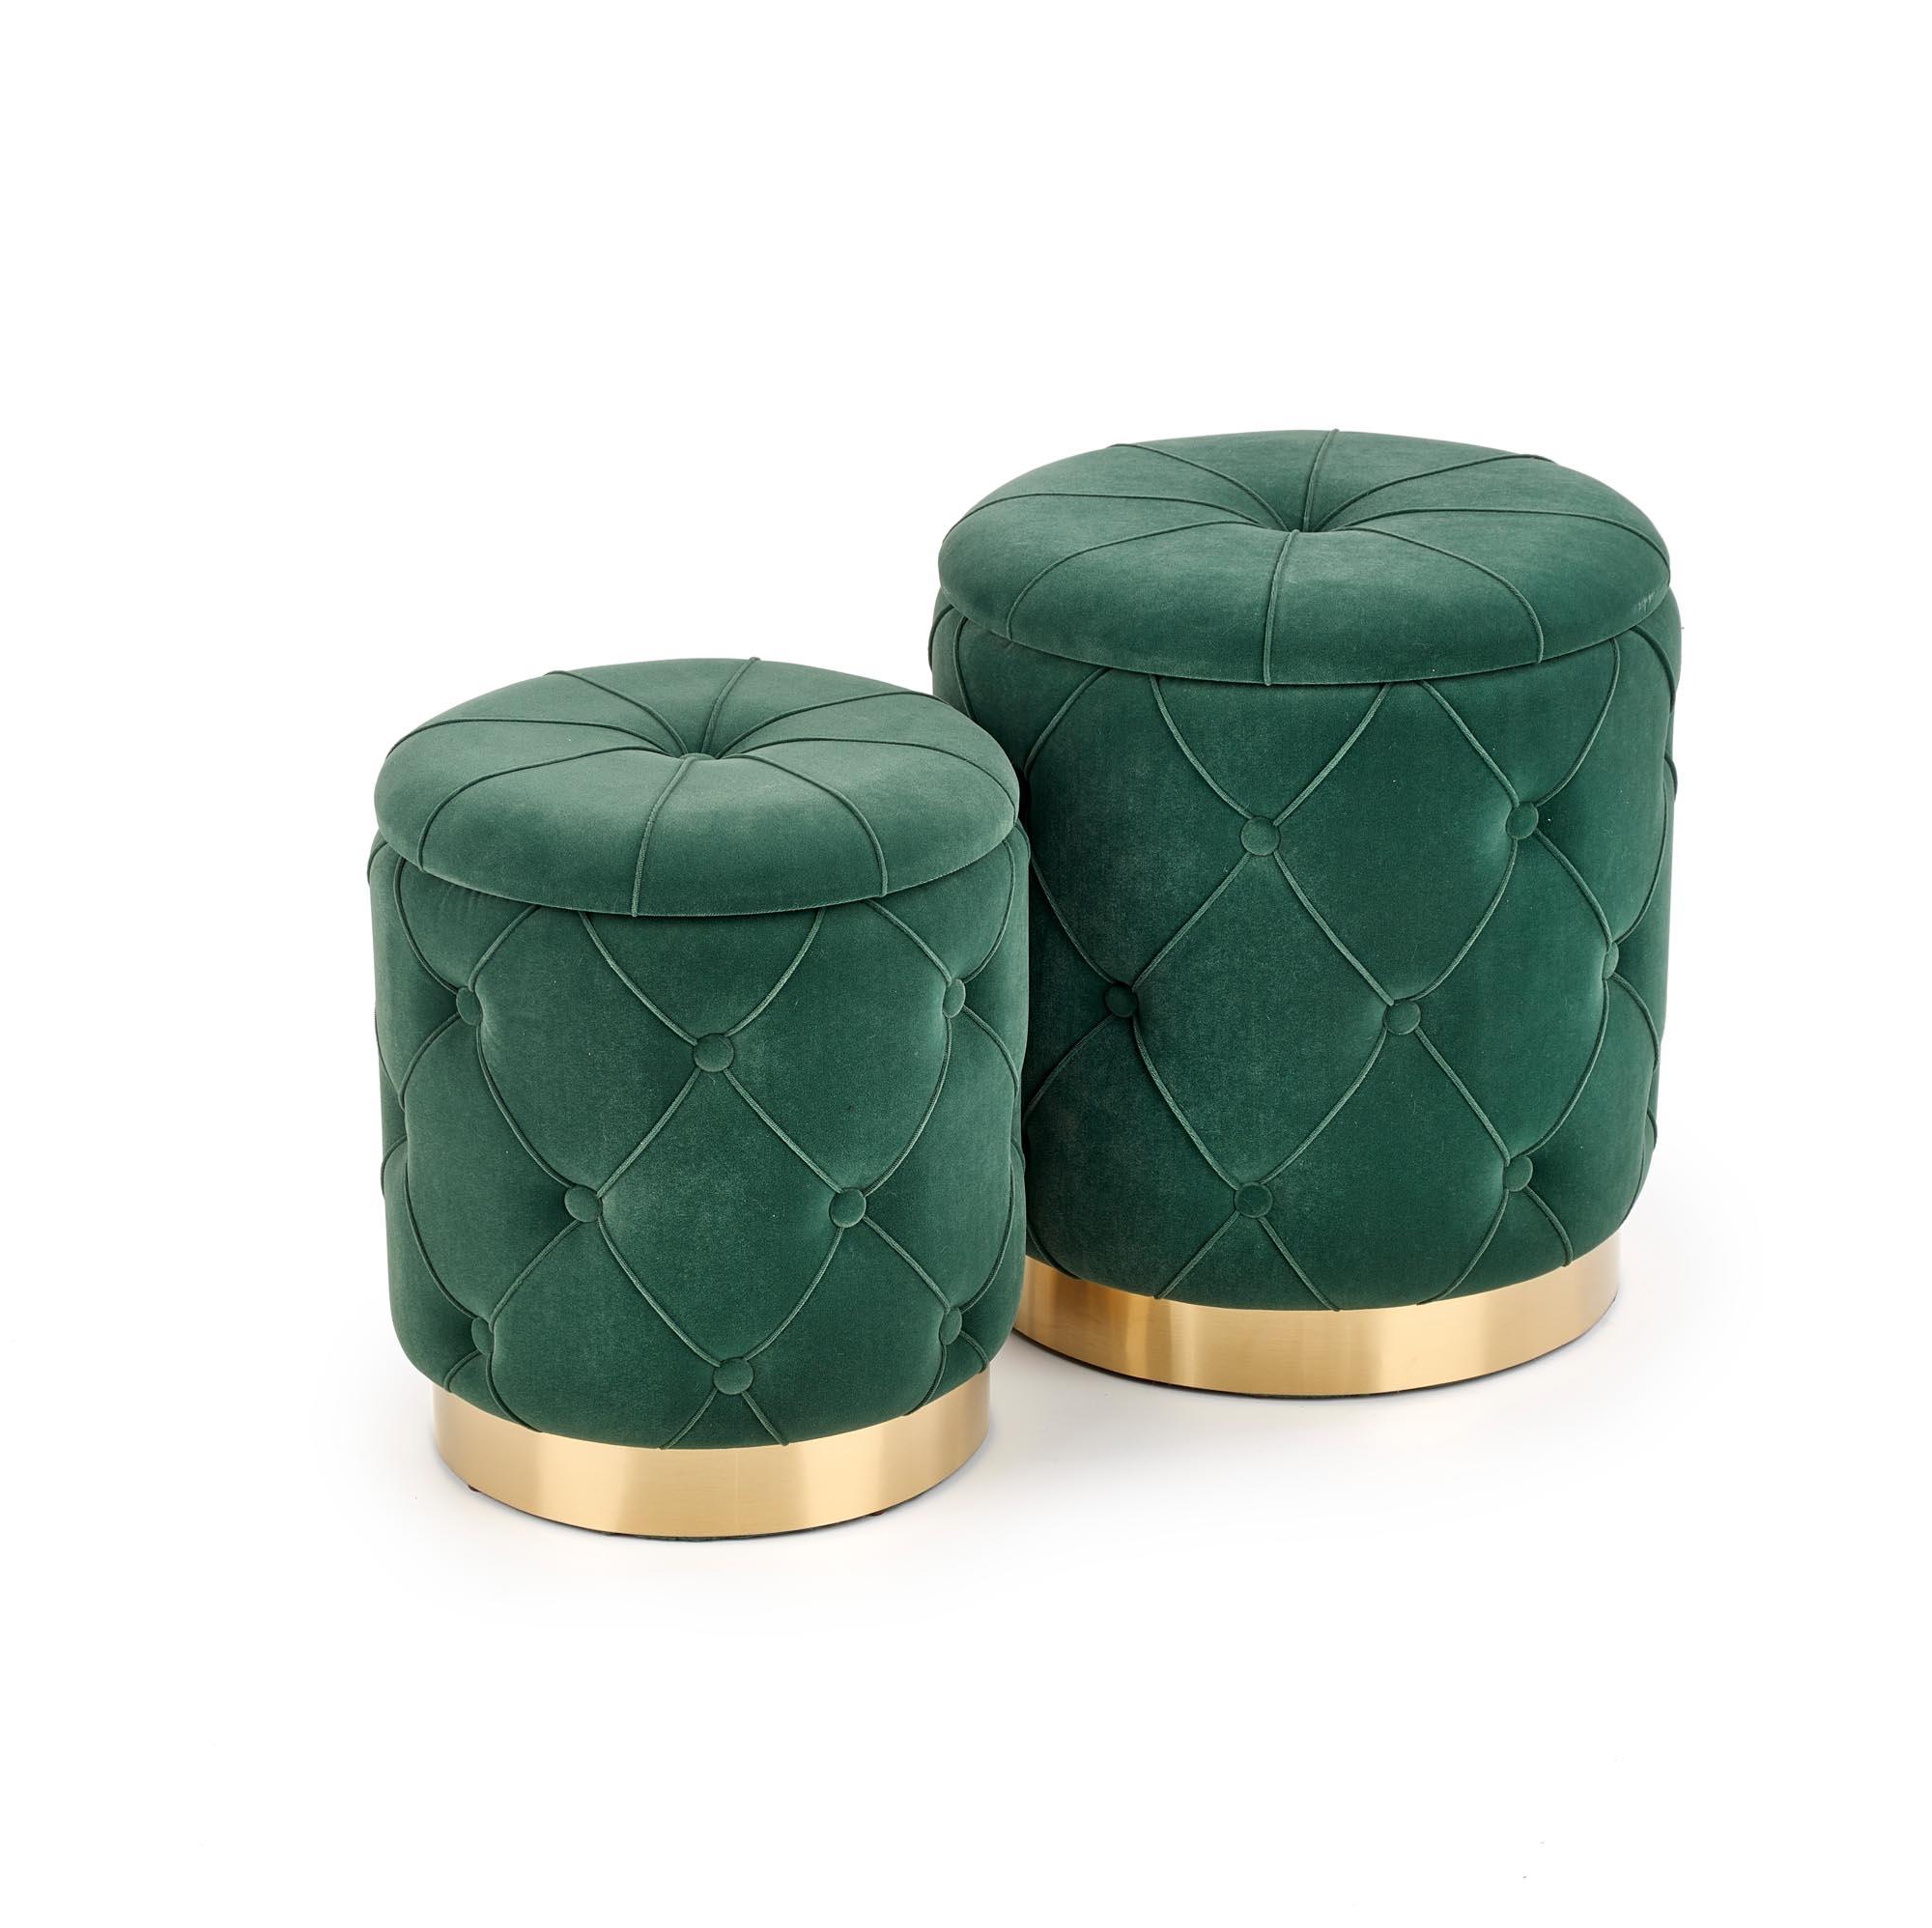 Set 2 taburete tapitate cu stofa si spatiu de depozitare Polly Verde inchis, Ø40xH44 / Ø33xH38 cm